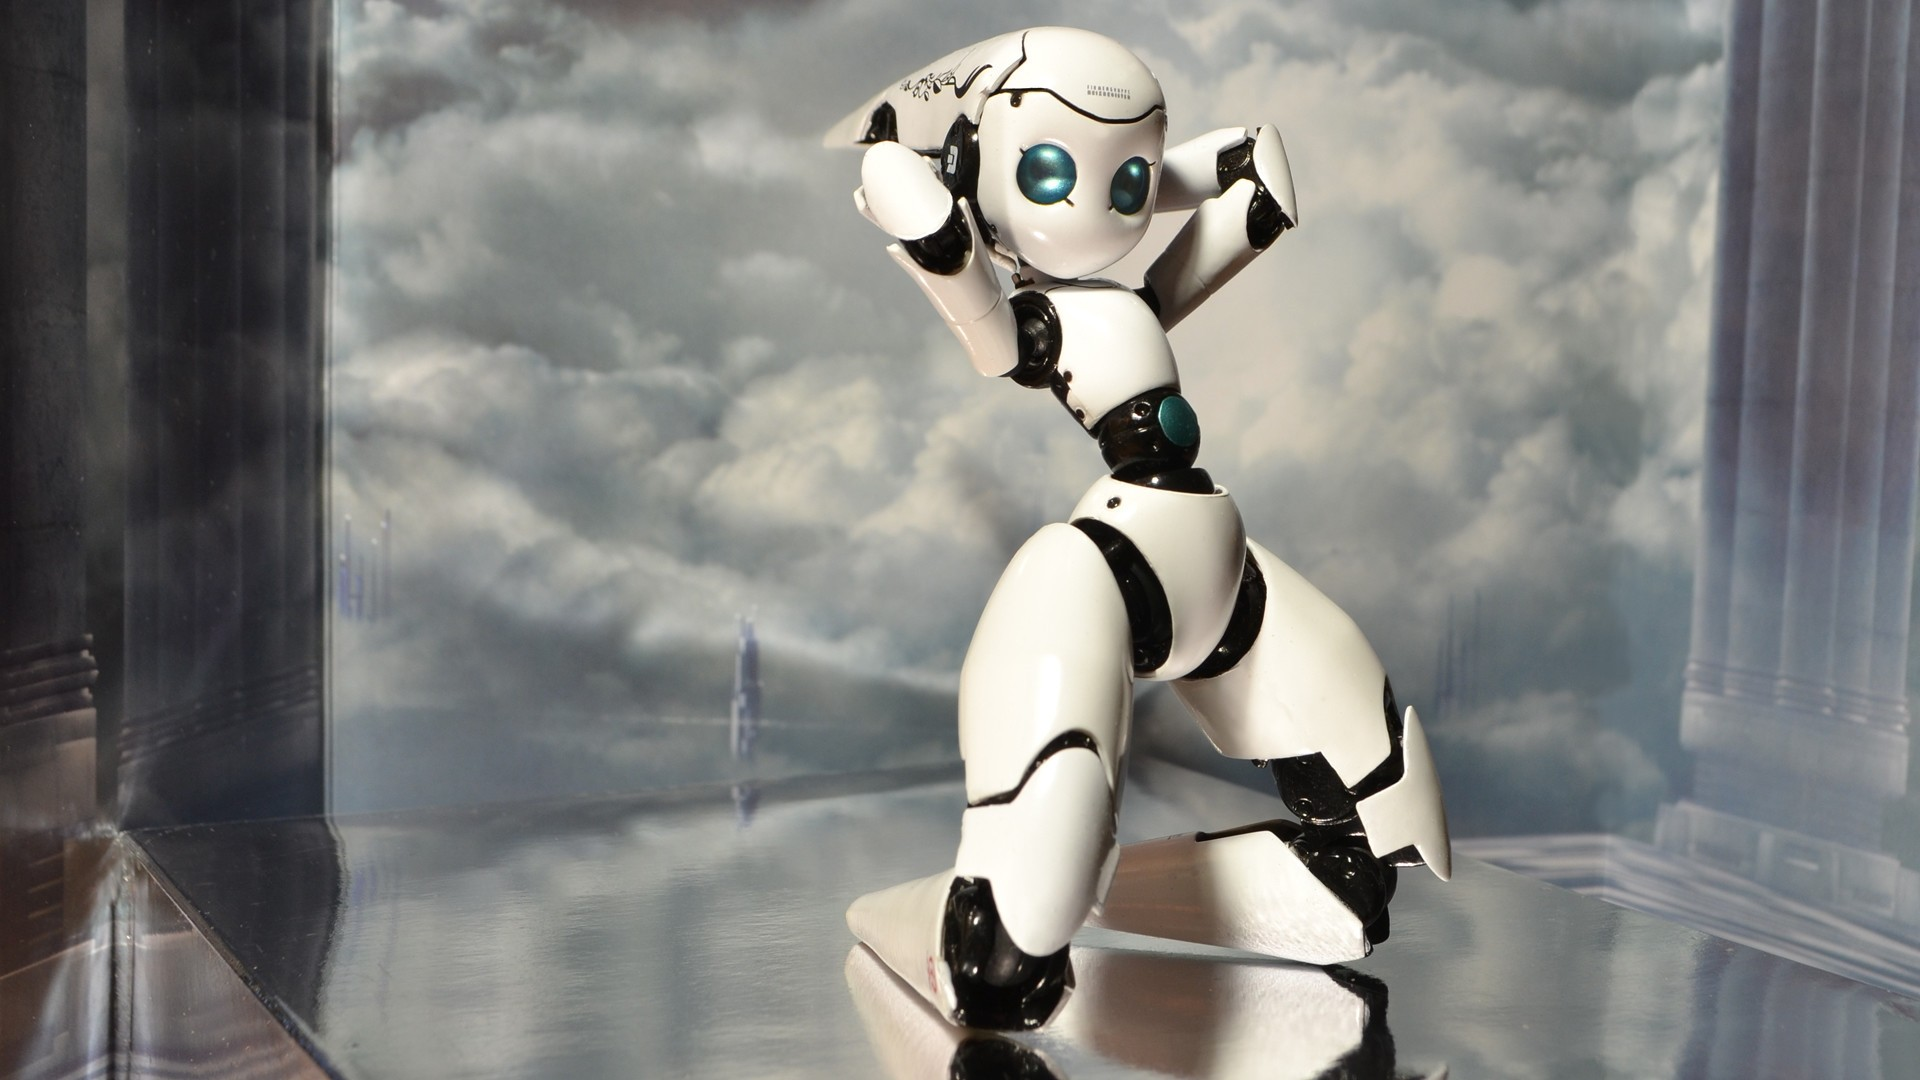 Robot Wallpaper theme